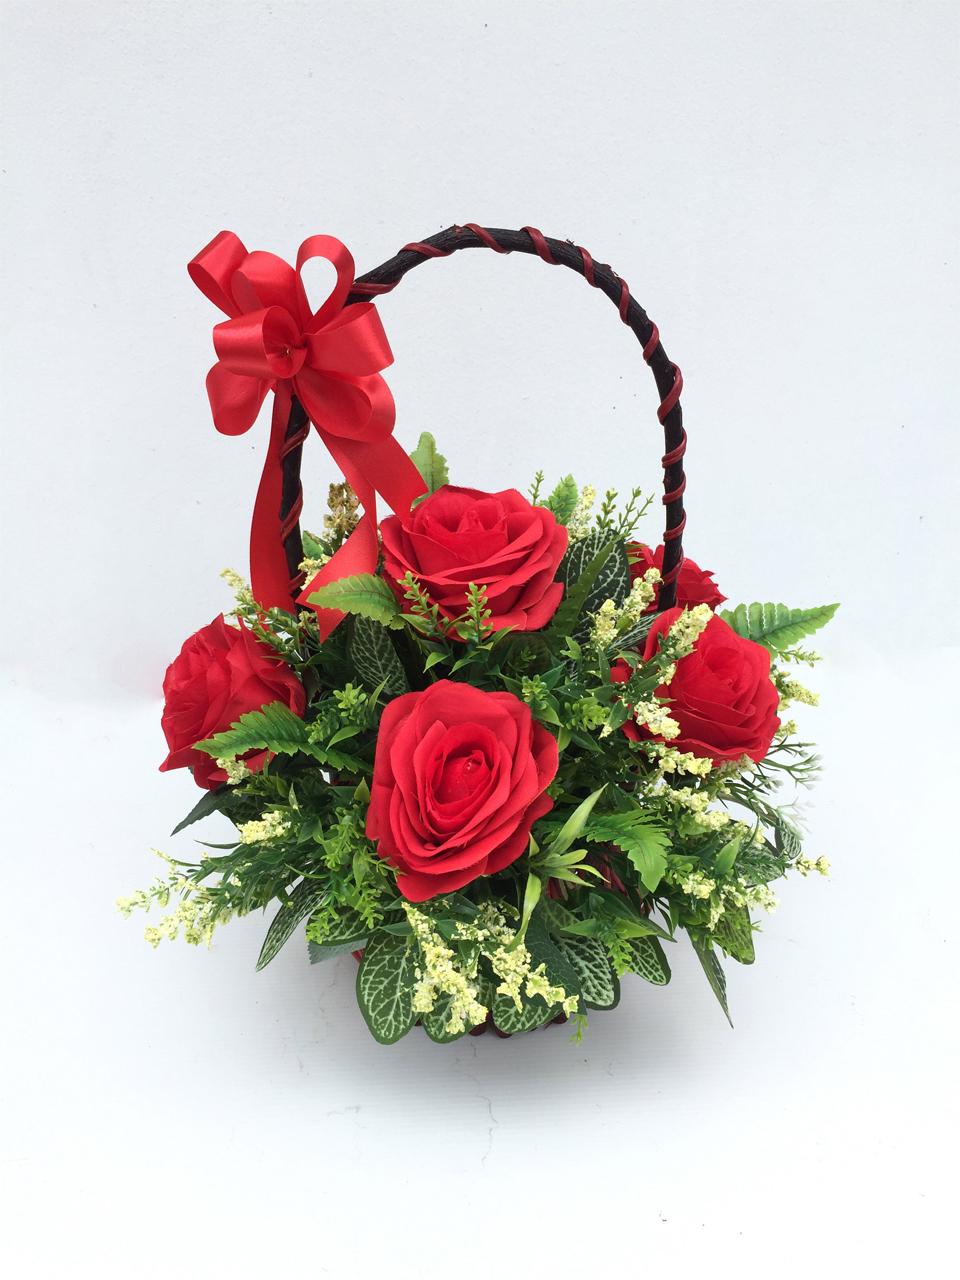 กระเช้าดอกไม้ประดิษฐ์กุหลาบแดงวาเลนไทน์ รหัส 4108